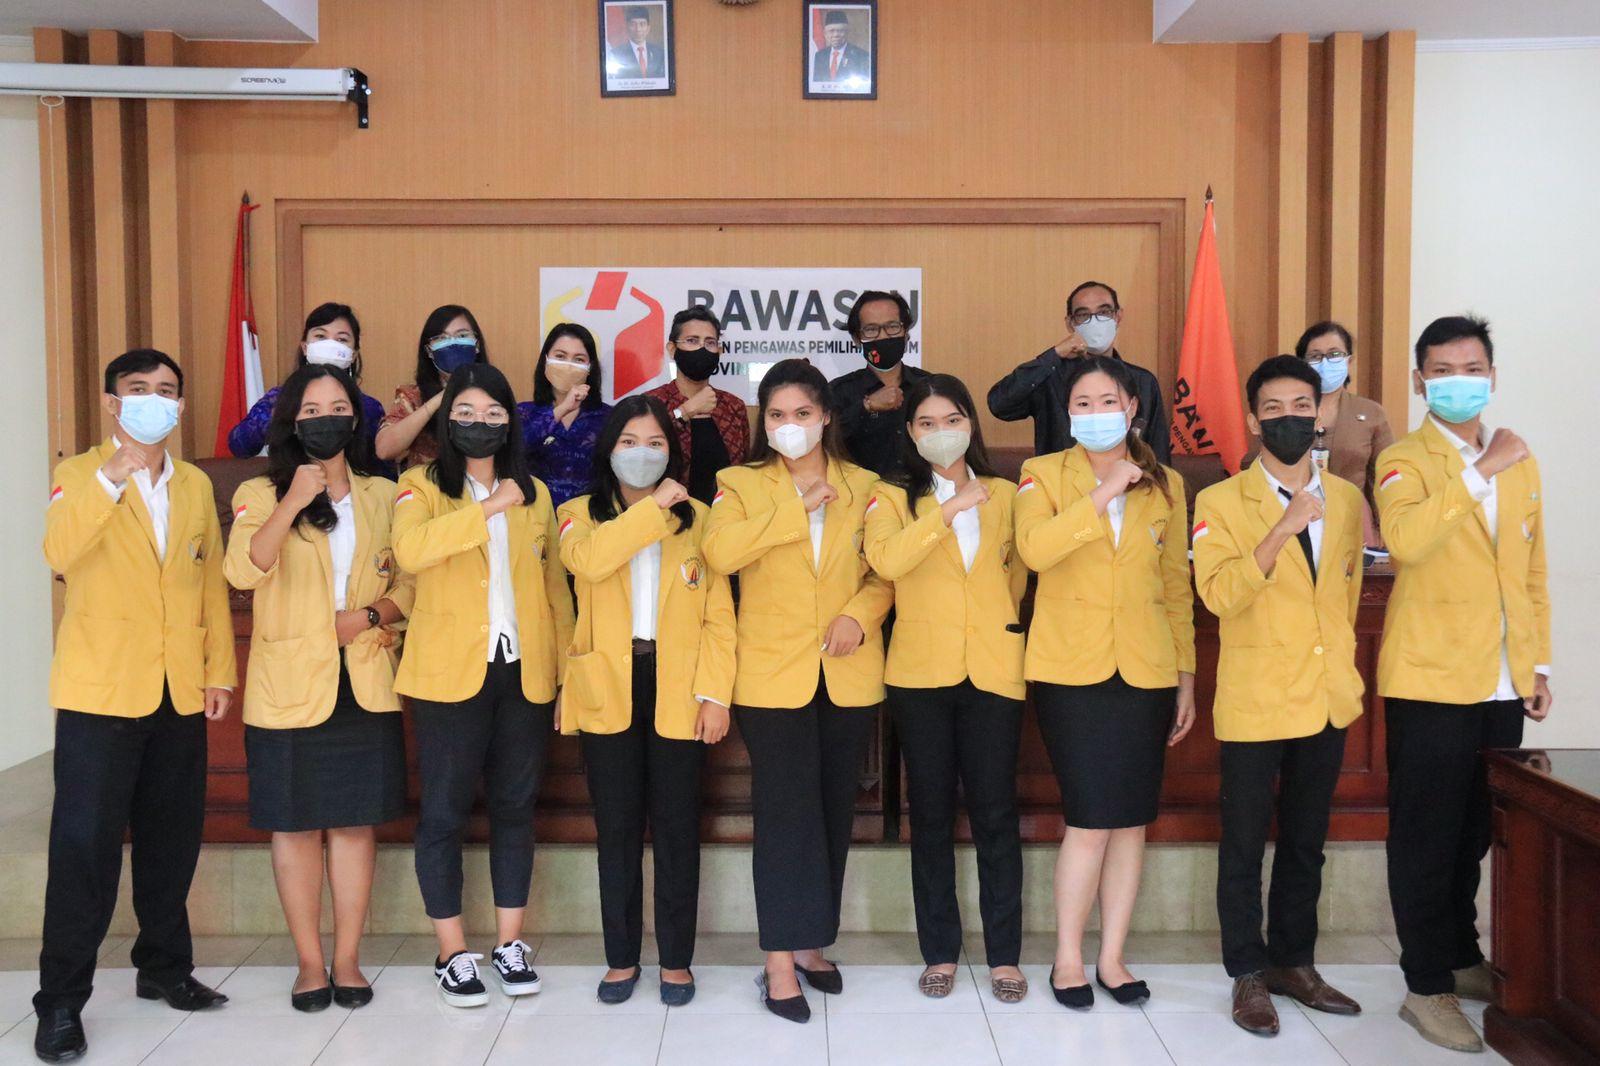 PARA mahasiswa Undiknas yang diterima magang di Sekretariat Bawaslu Bali, Senin (6/9/2021). Foto: ist